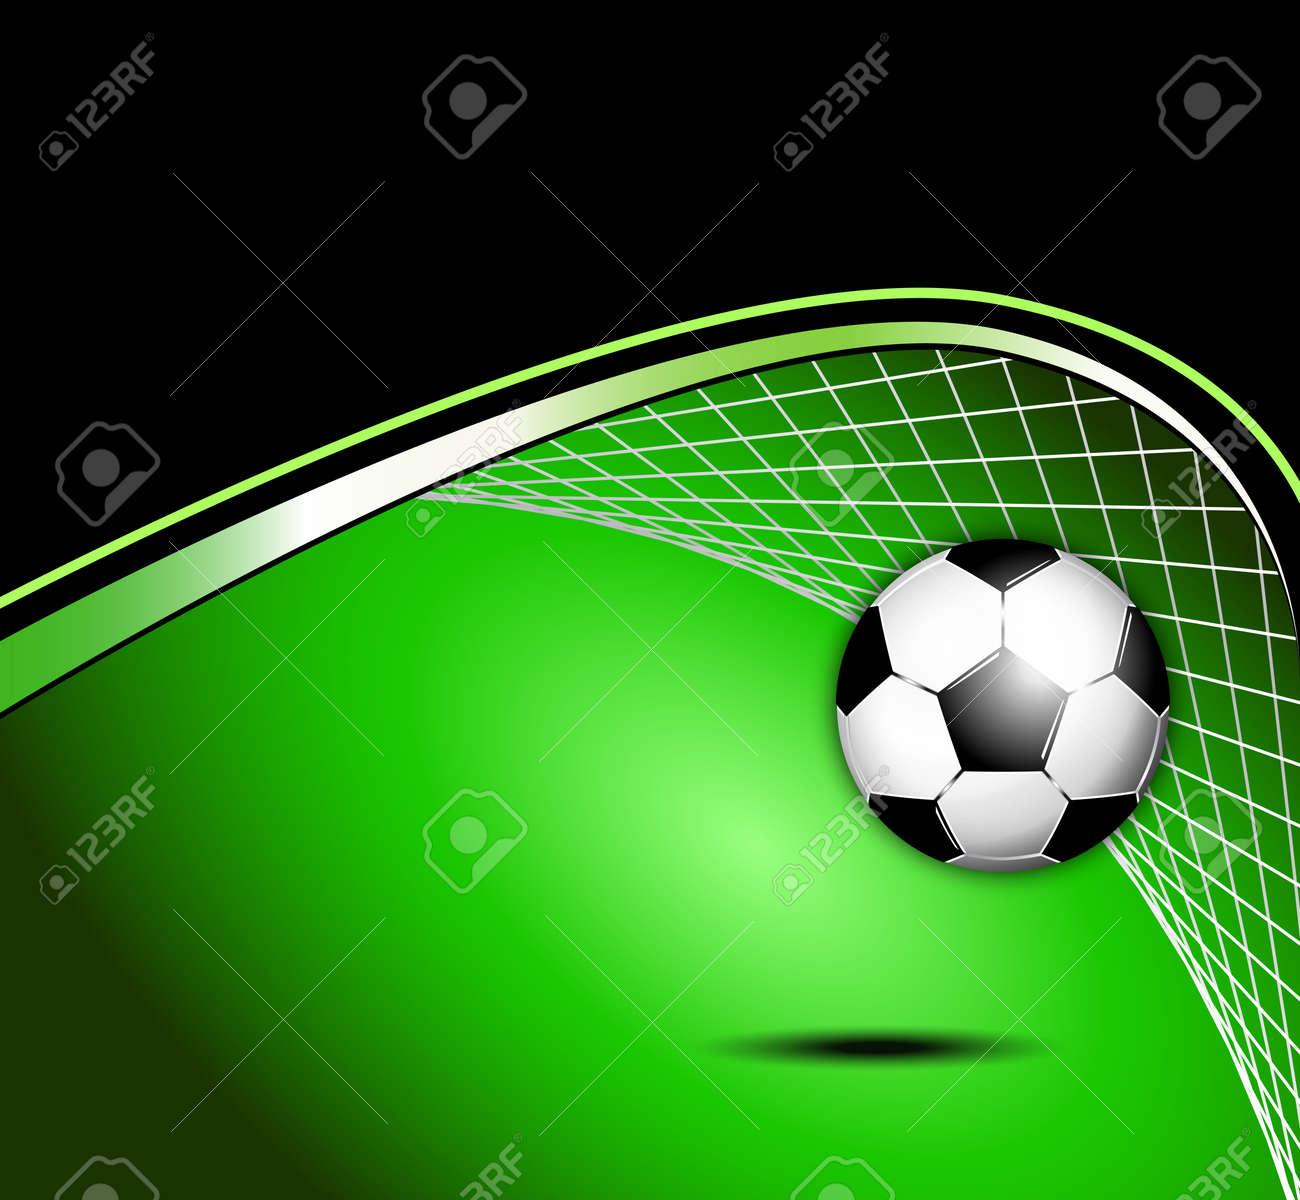 Soccer ball background - 15108808